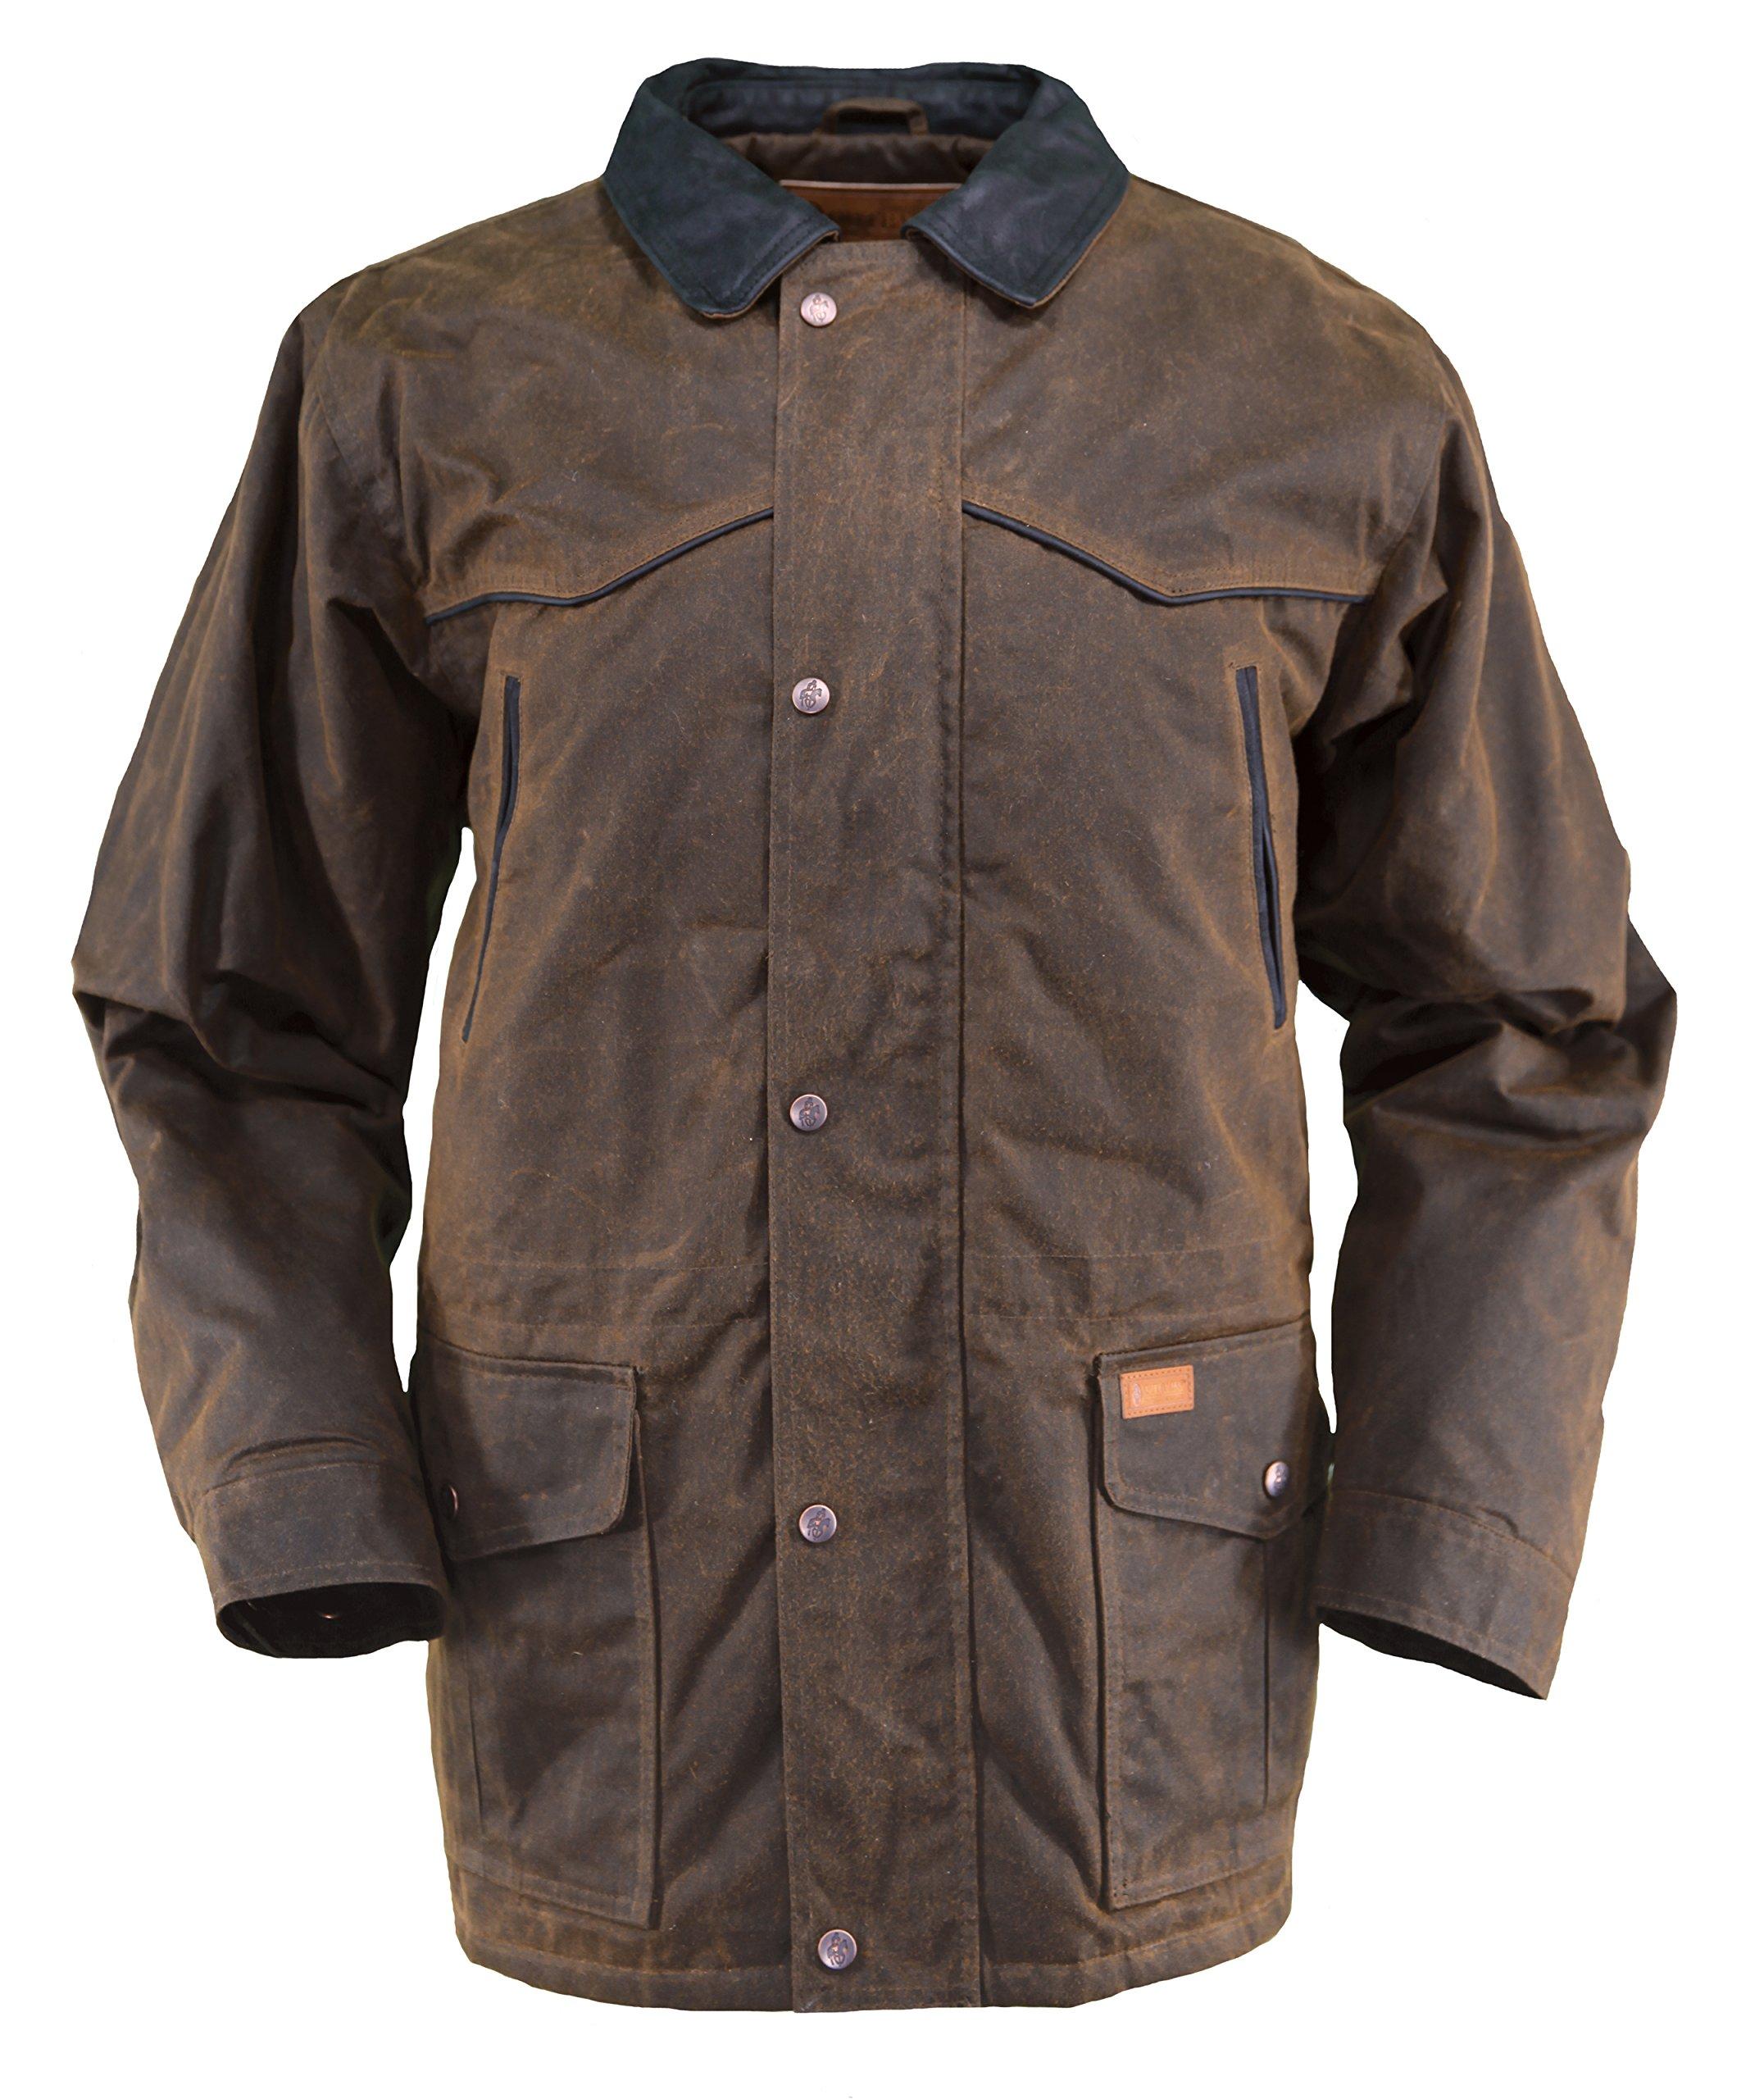 Outback Trading Men's Pathfinder Jacket